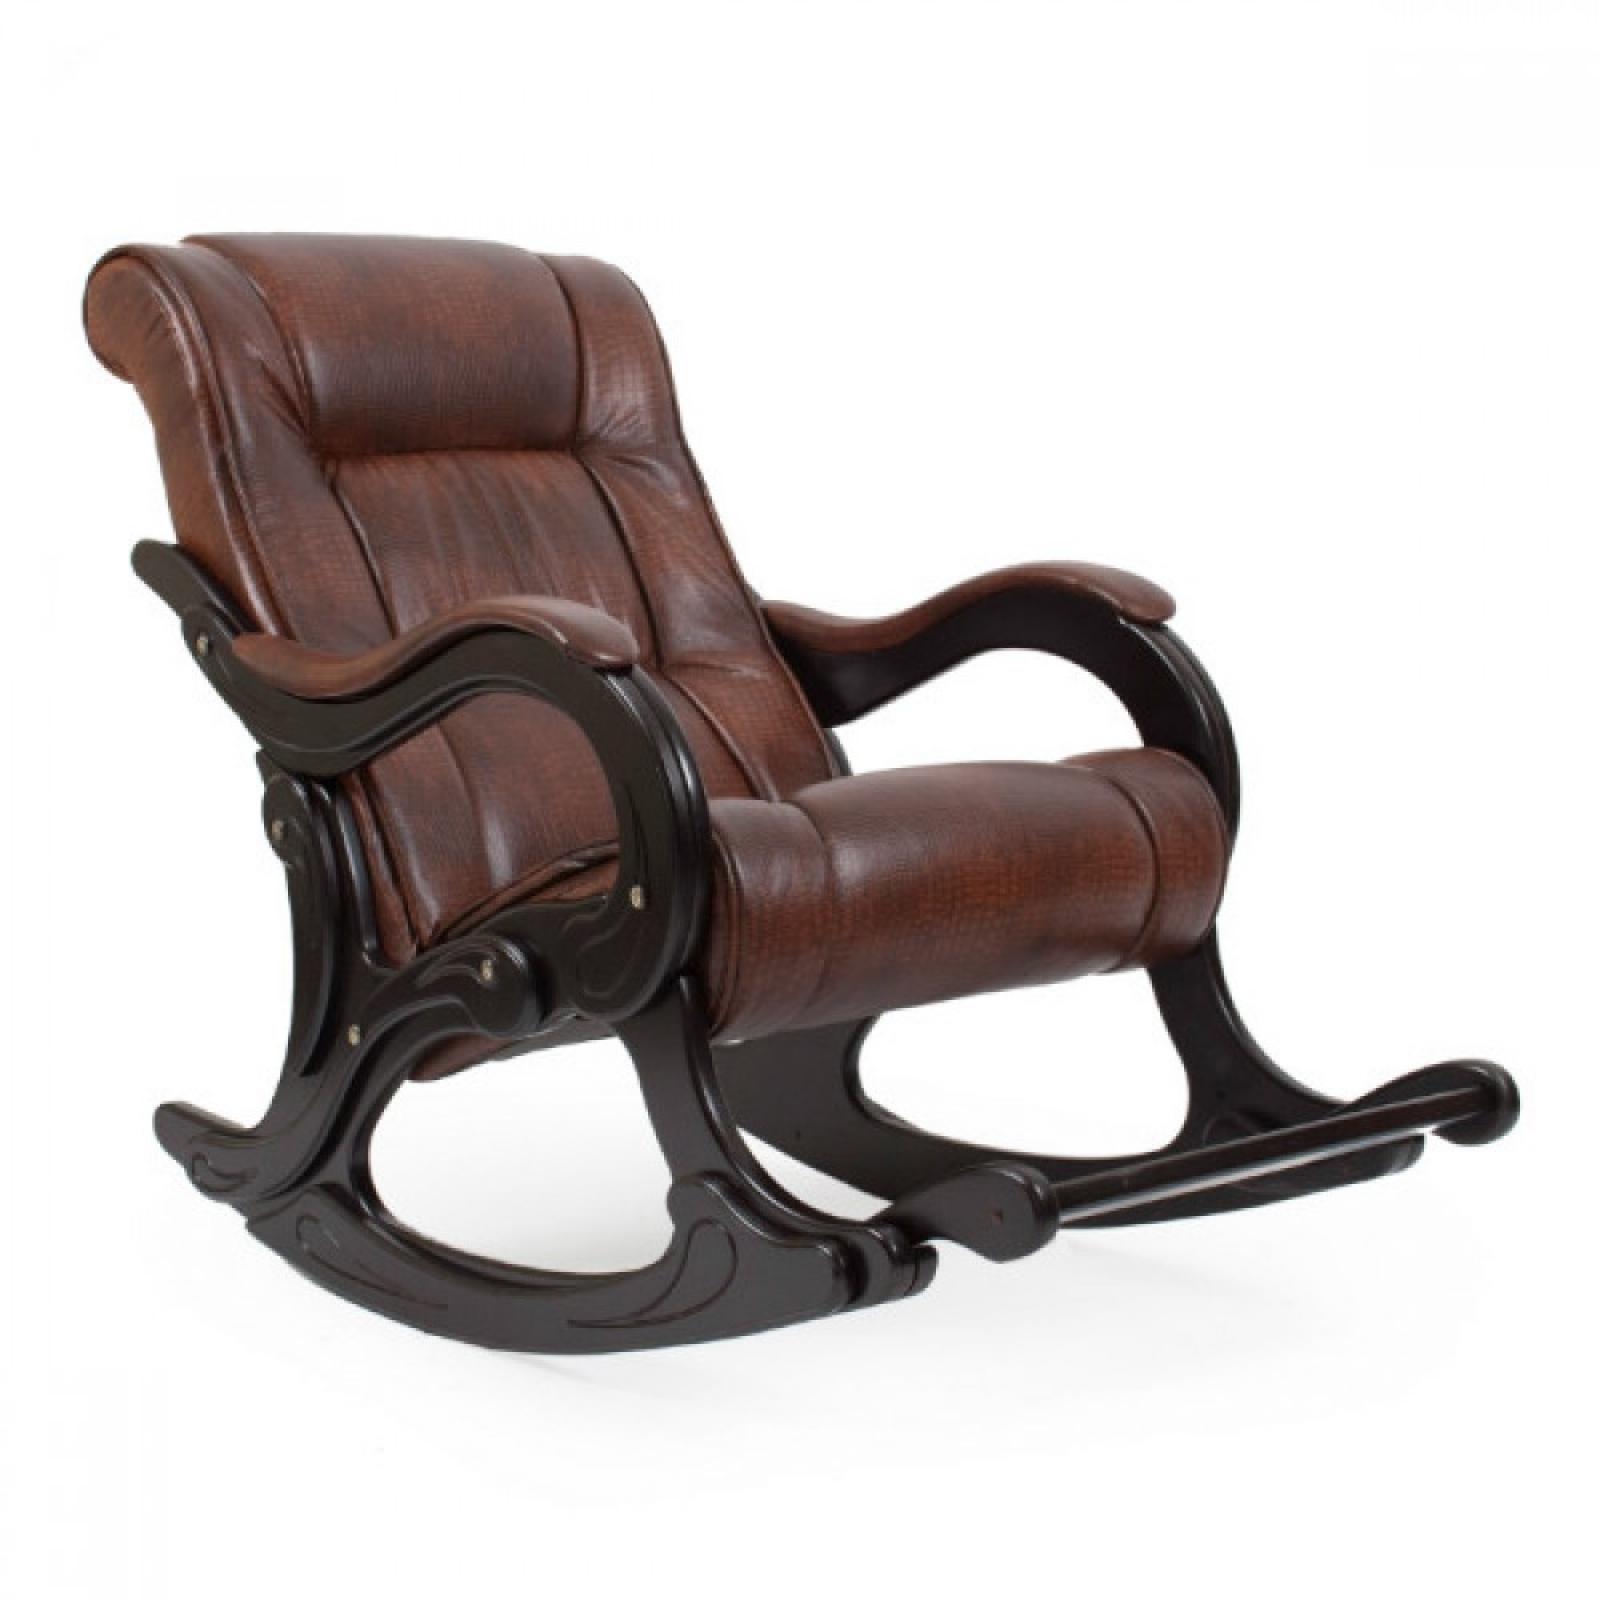 """Кресло для отдыха """"Лидер"""", Модель 77 Венге/Анти крокодил - 1"""